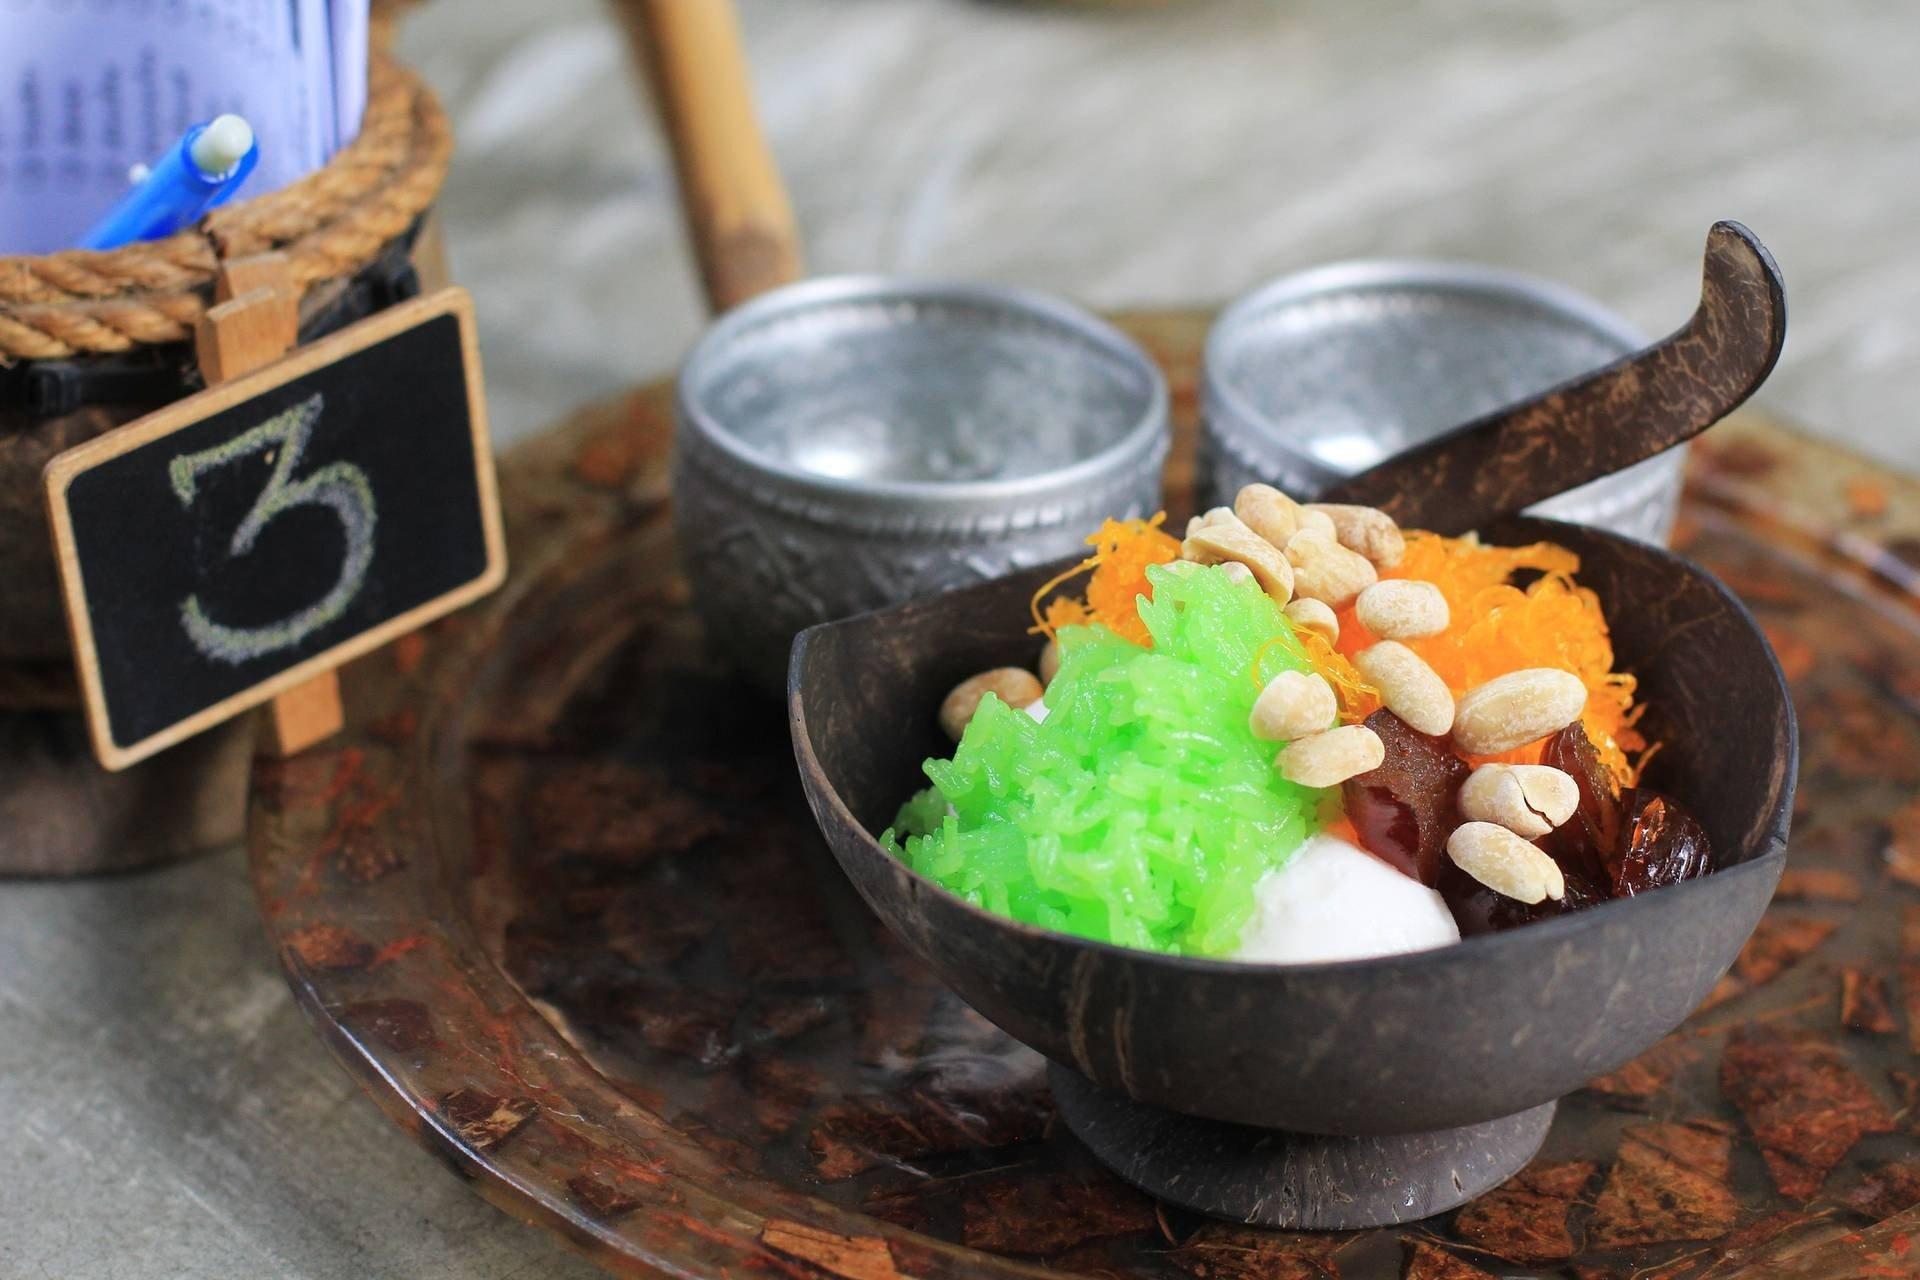 กะลา ไอศกรีมกะทิสด